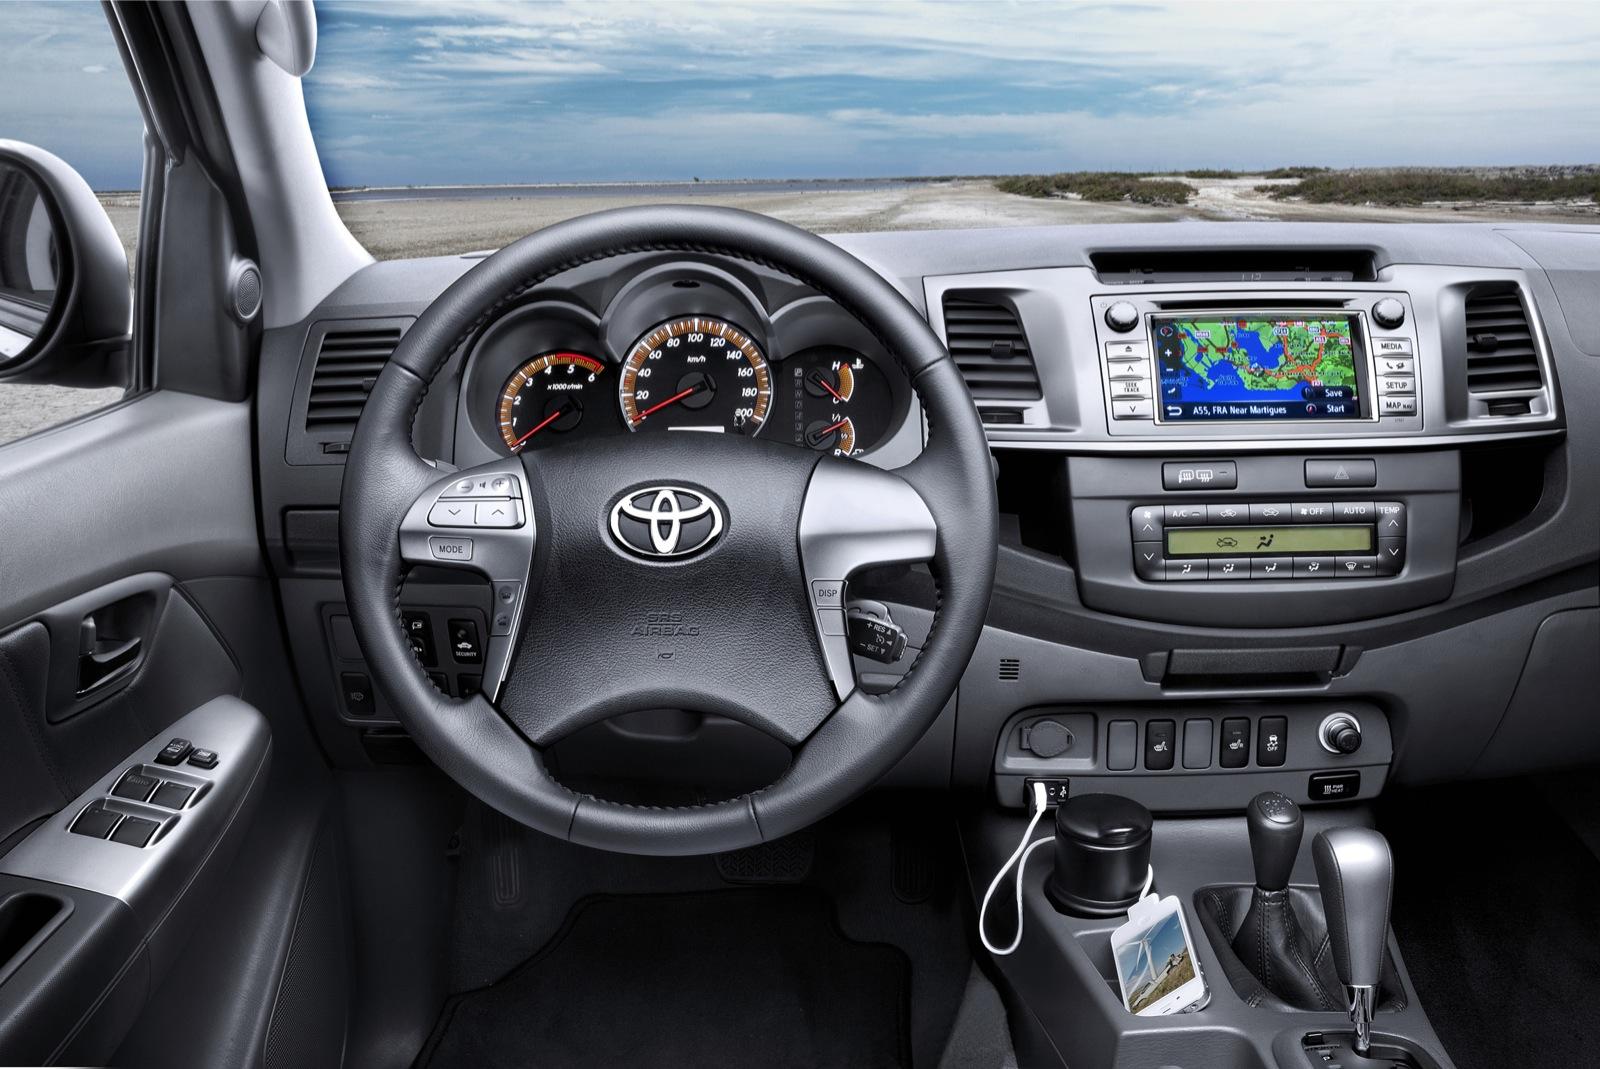 Toyota Hilux Turbo: fallas y soluciones - Opinautos